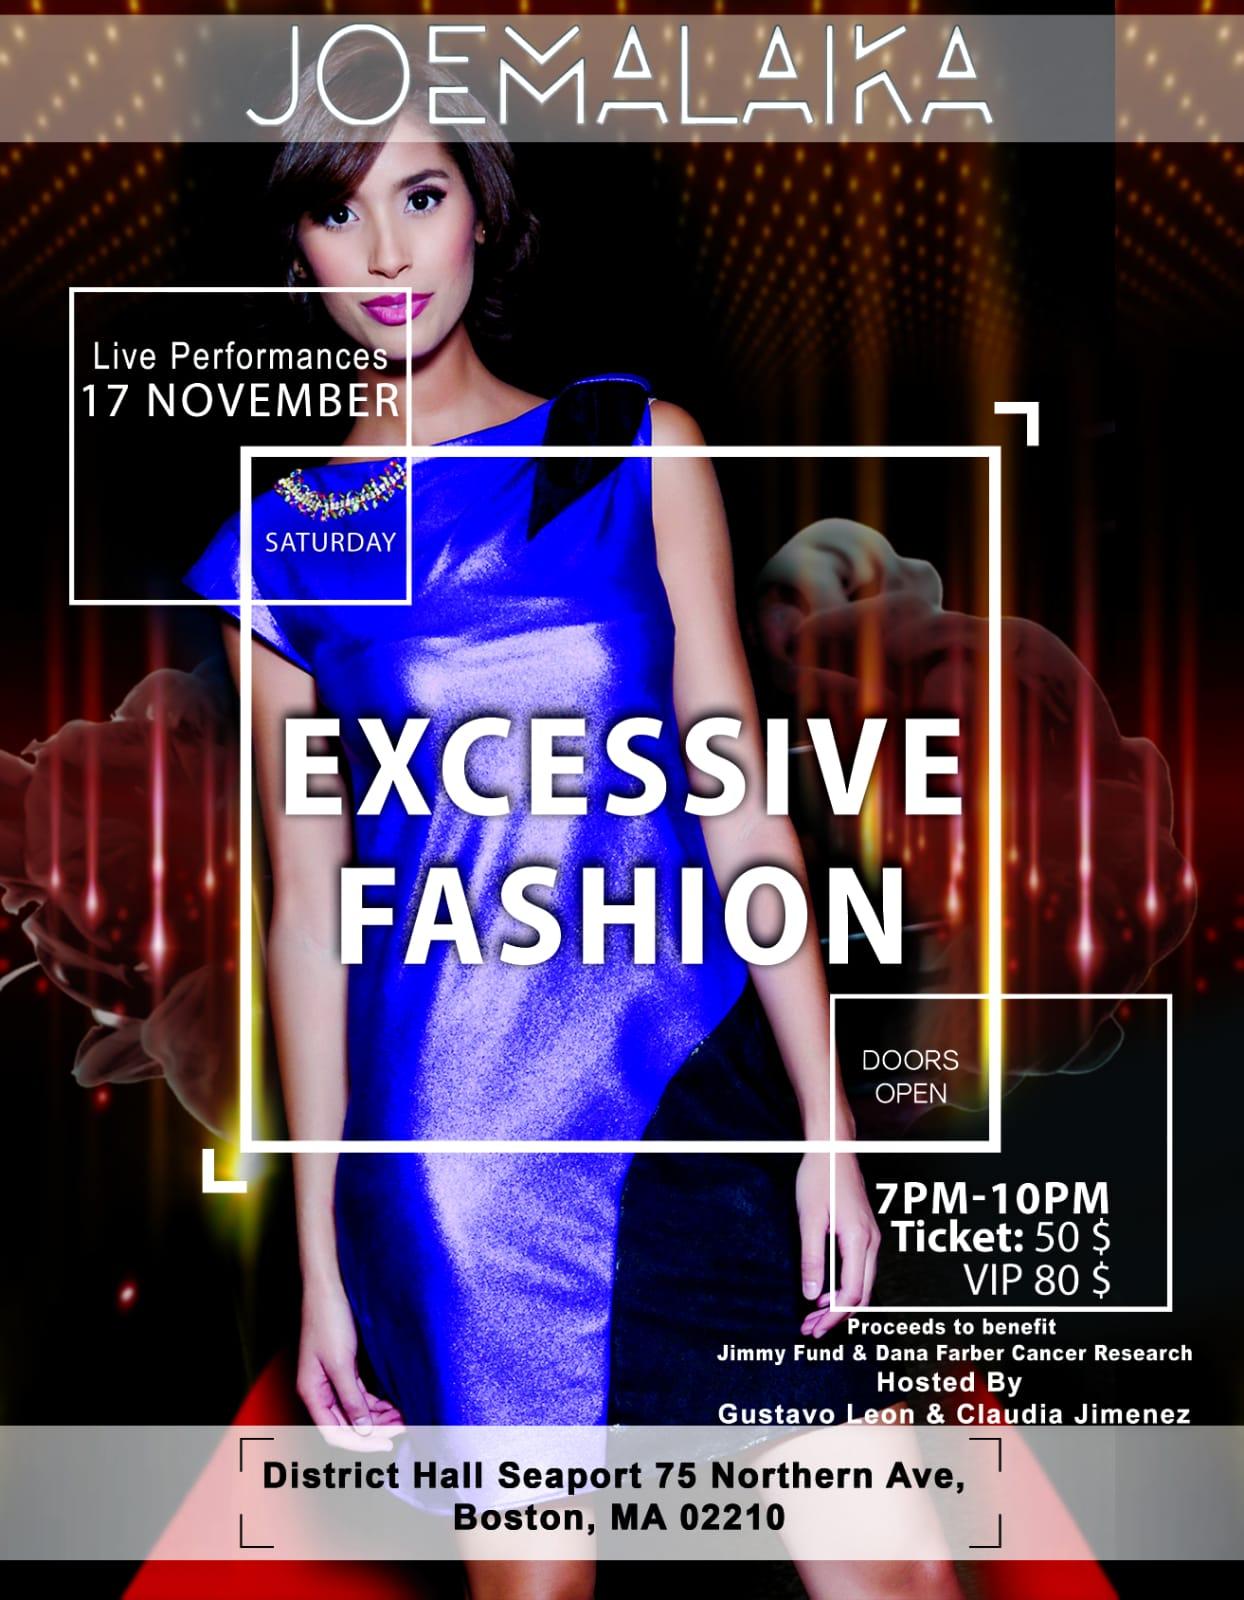 Excessive fashion 2018